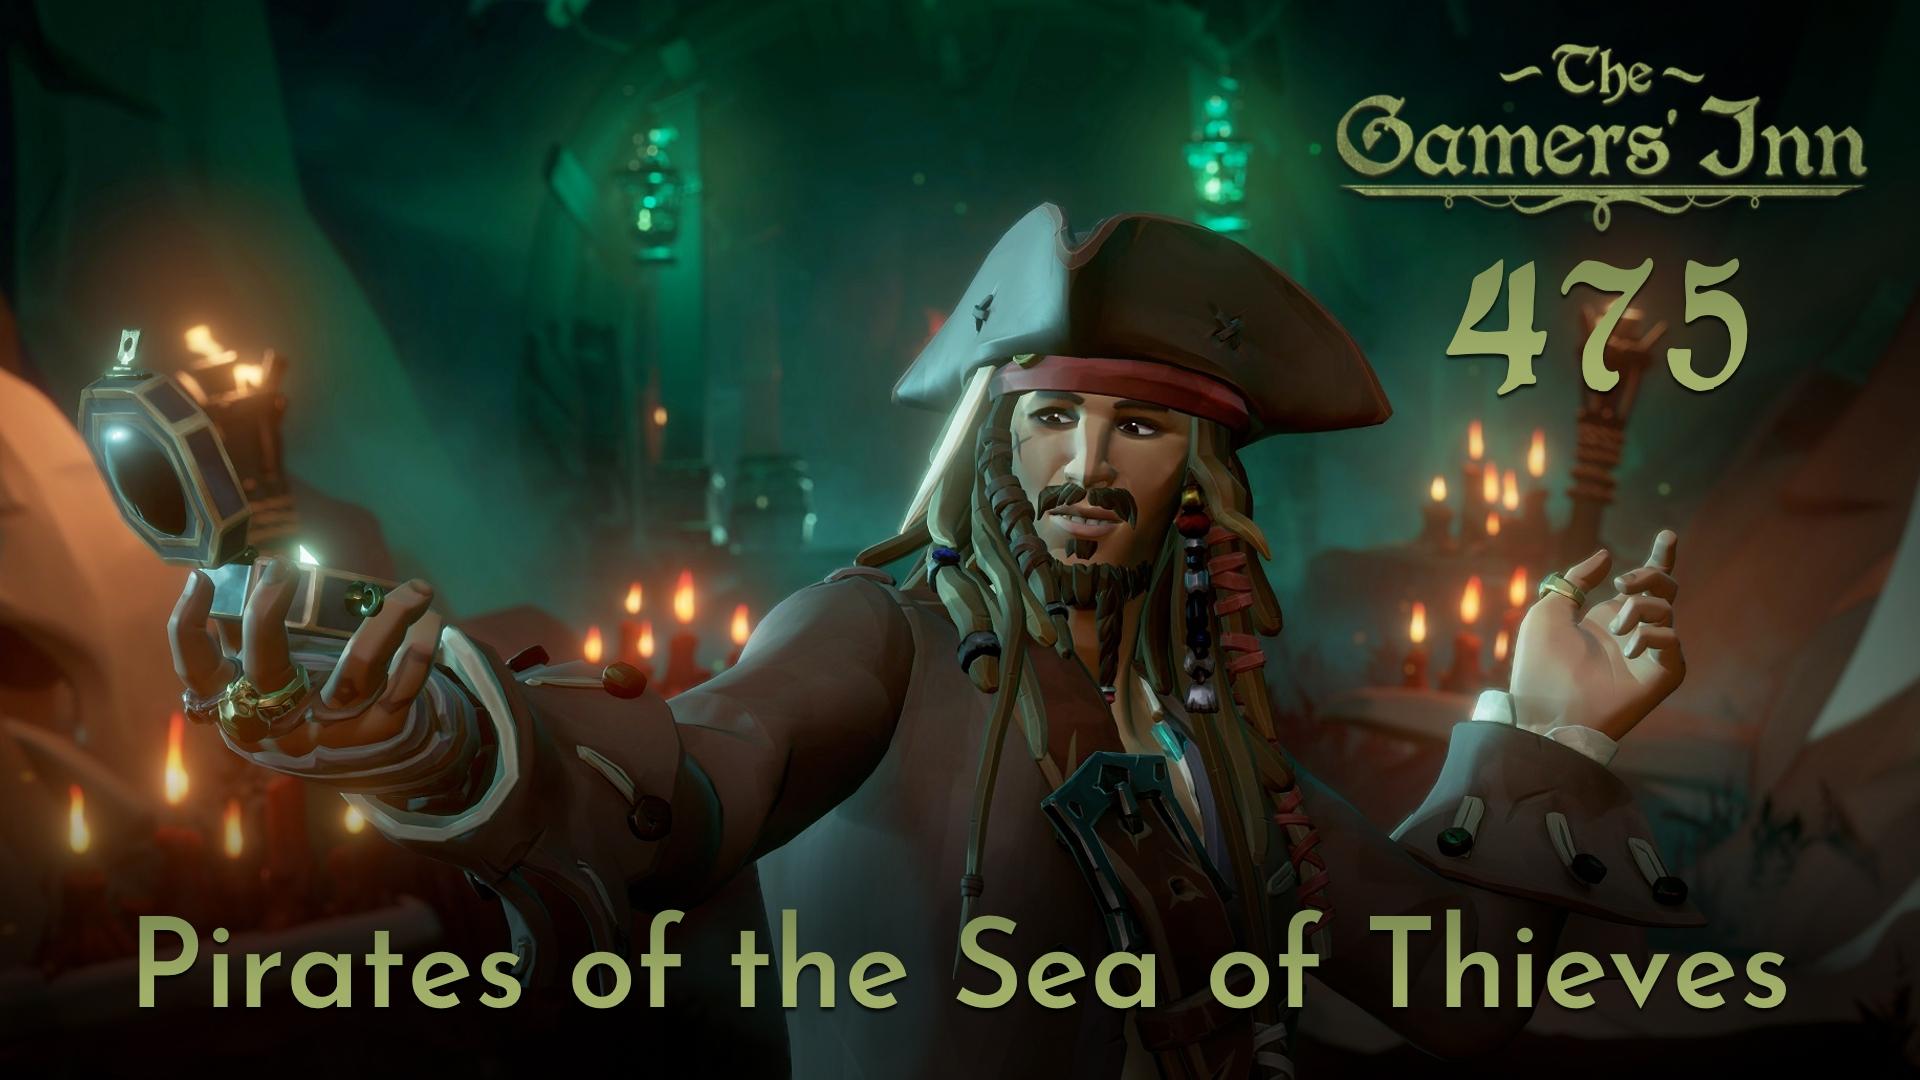 TGI 475 - Pirates of the Sea of Thieves